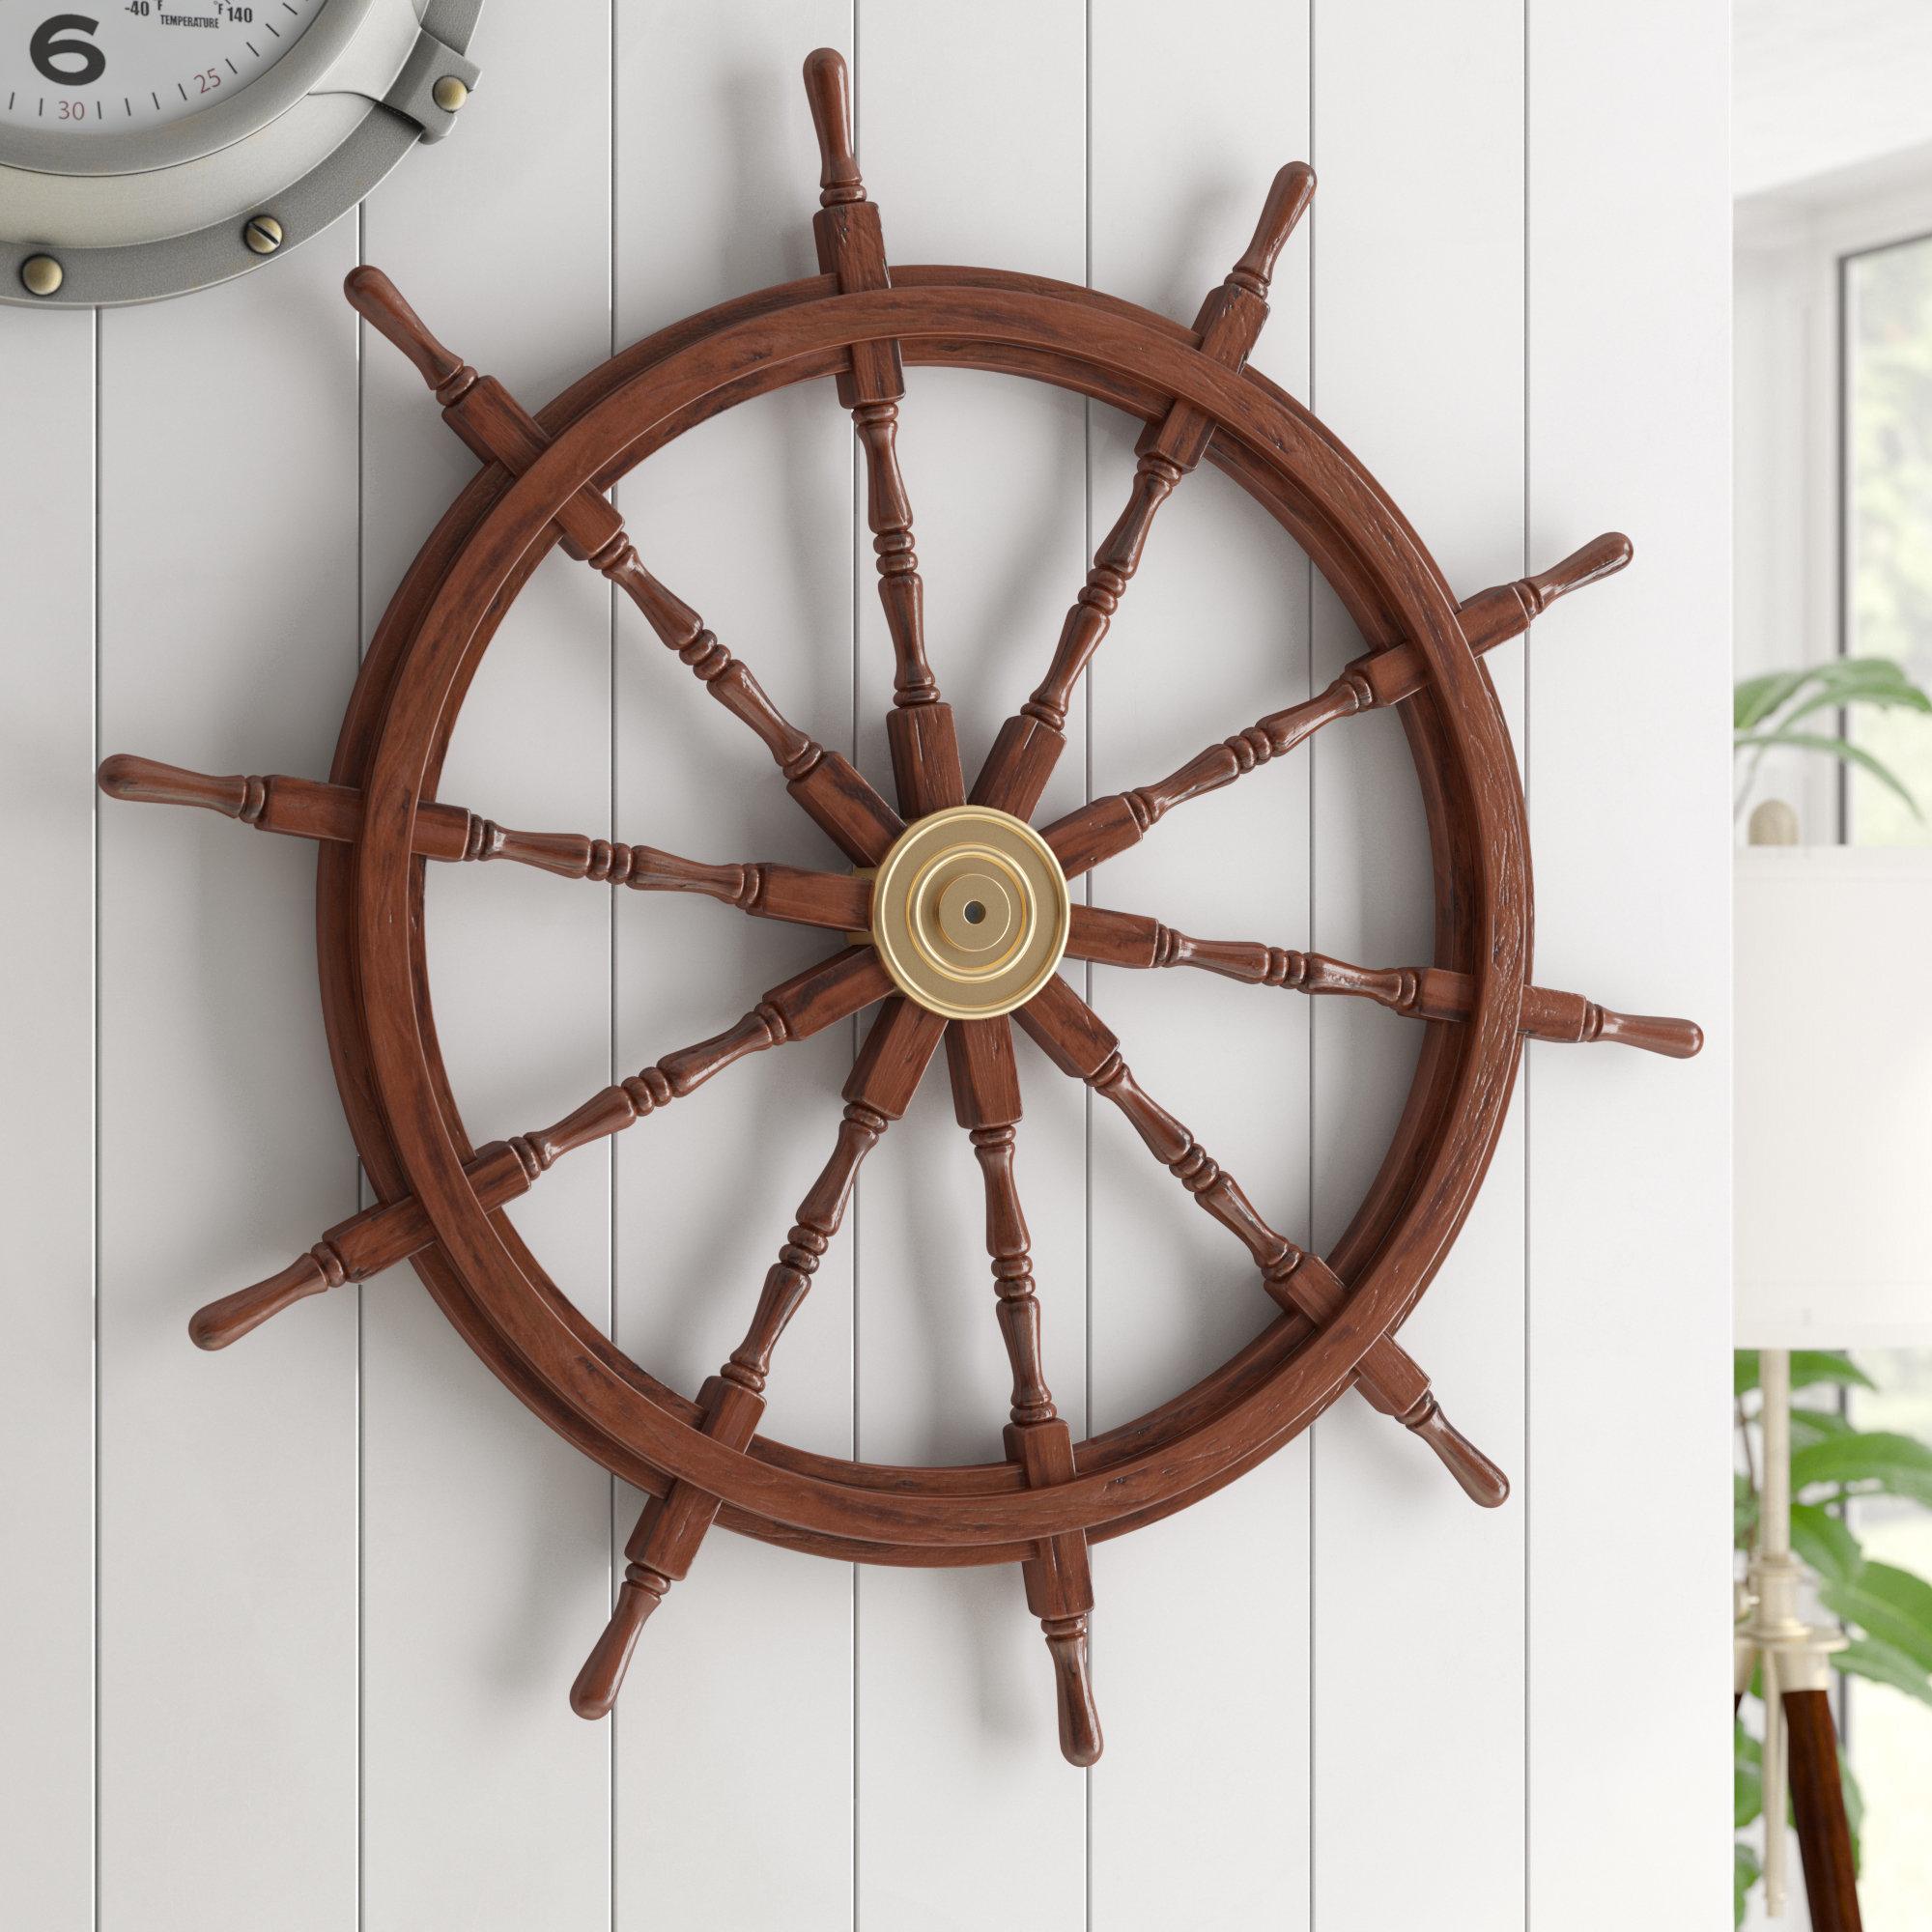 Captains Wheel Wall Decor | Wayfair regarding 4 Piece Handwoven Wheel Wall Decor Sets (Image 9 of 30)